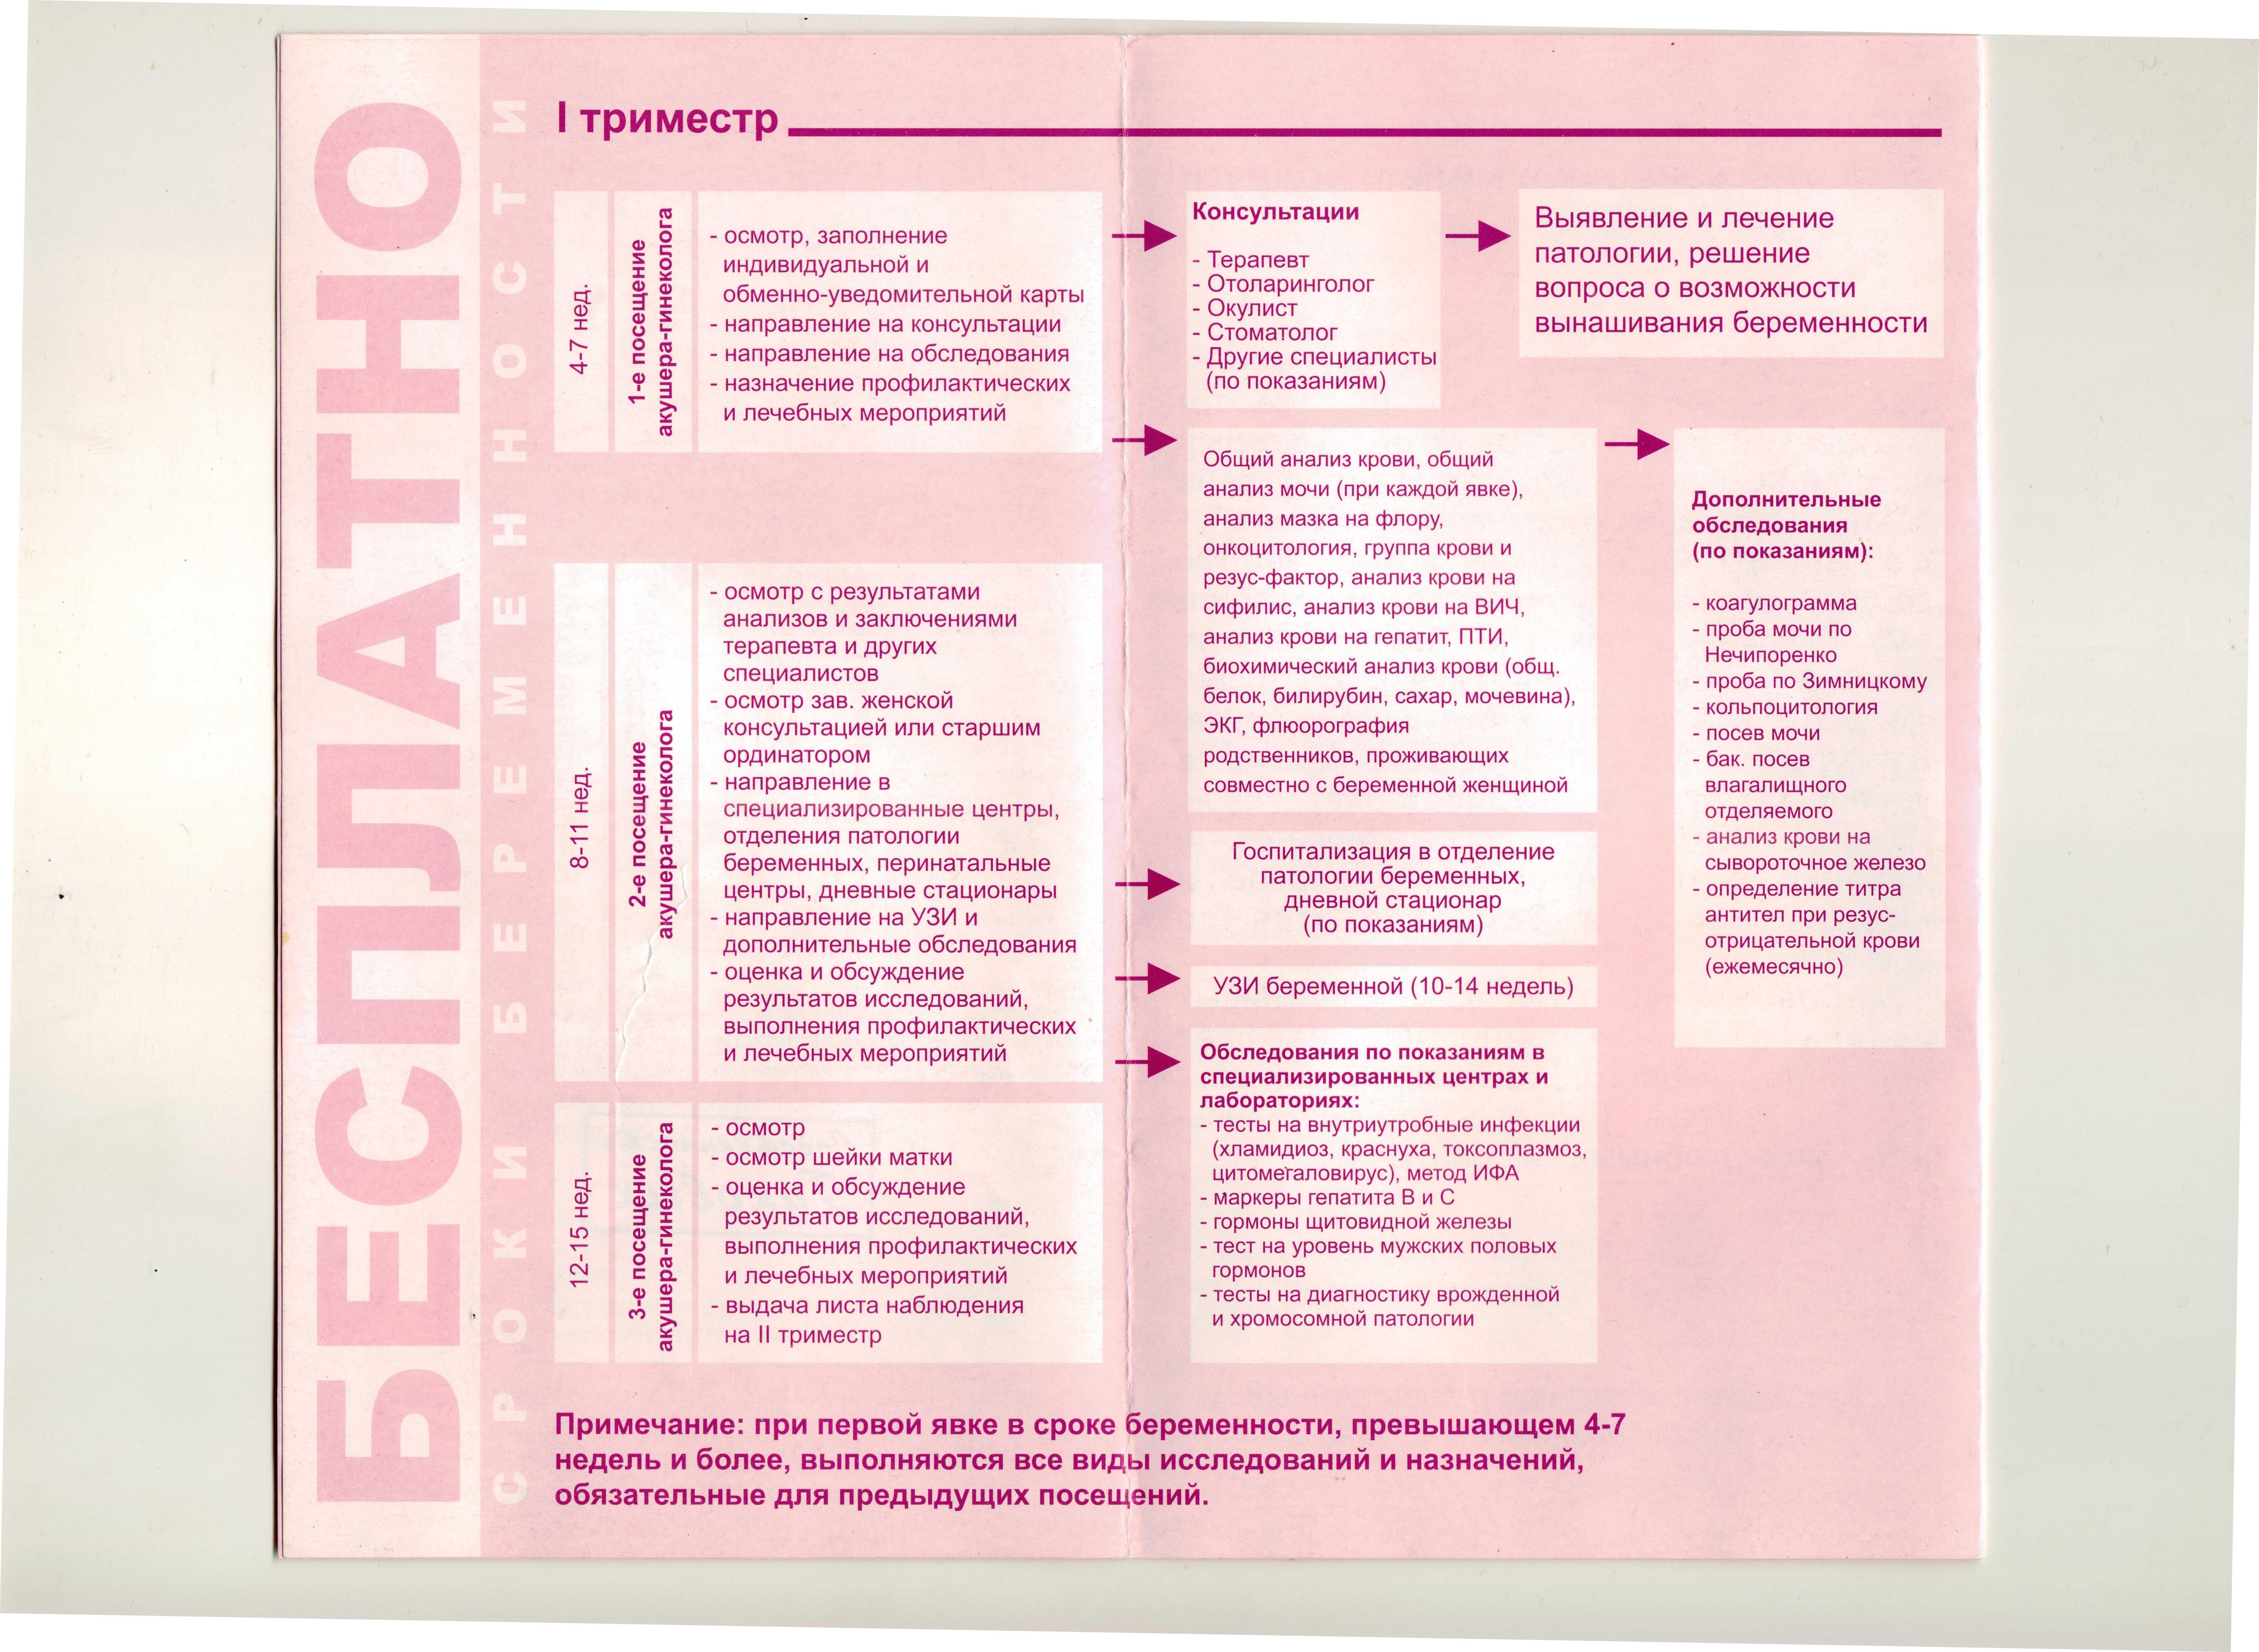 Анализы в первый триместр беременности: список